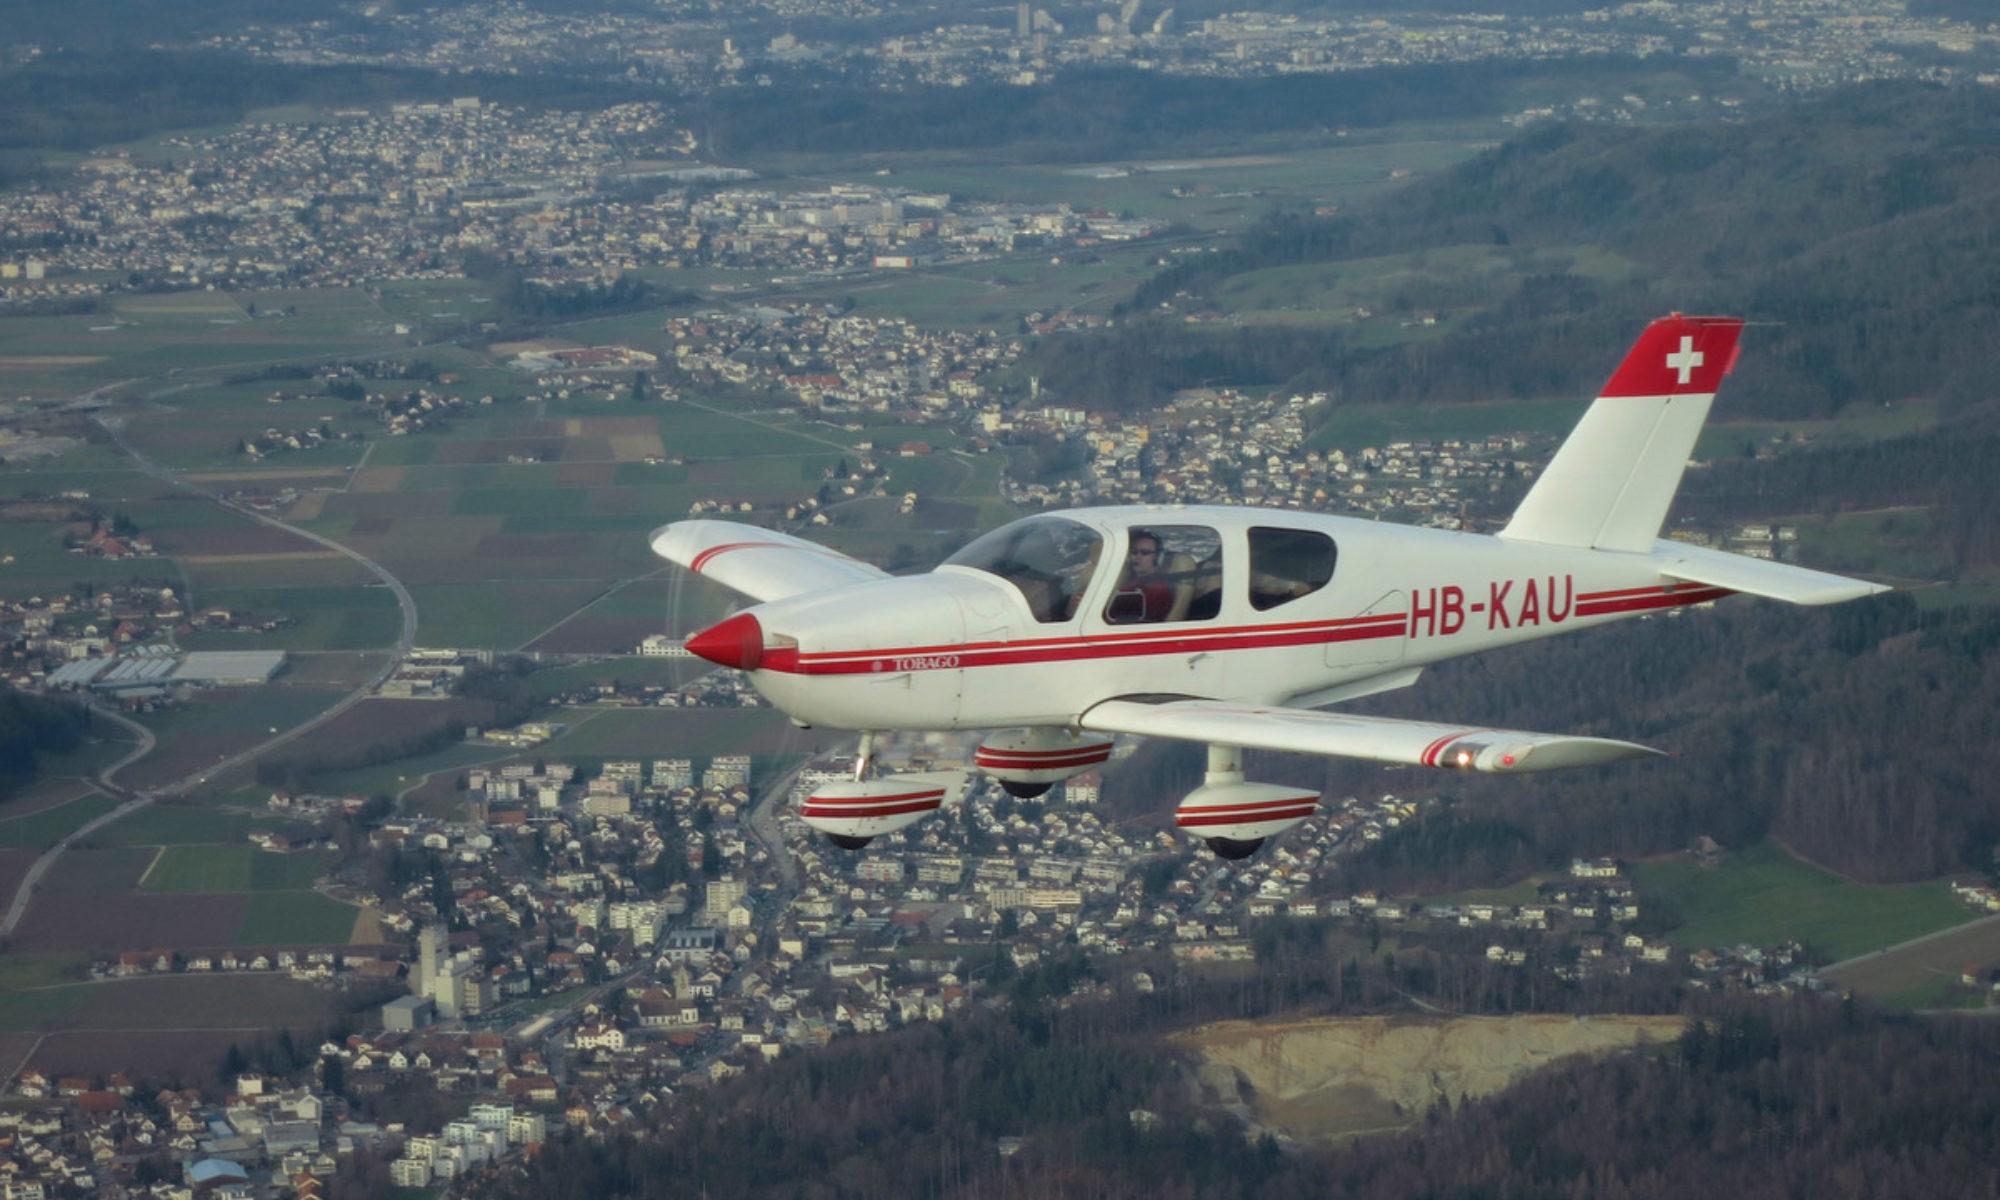 FSGG - Flugsportgruppe Grenchen